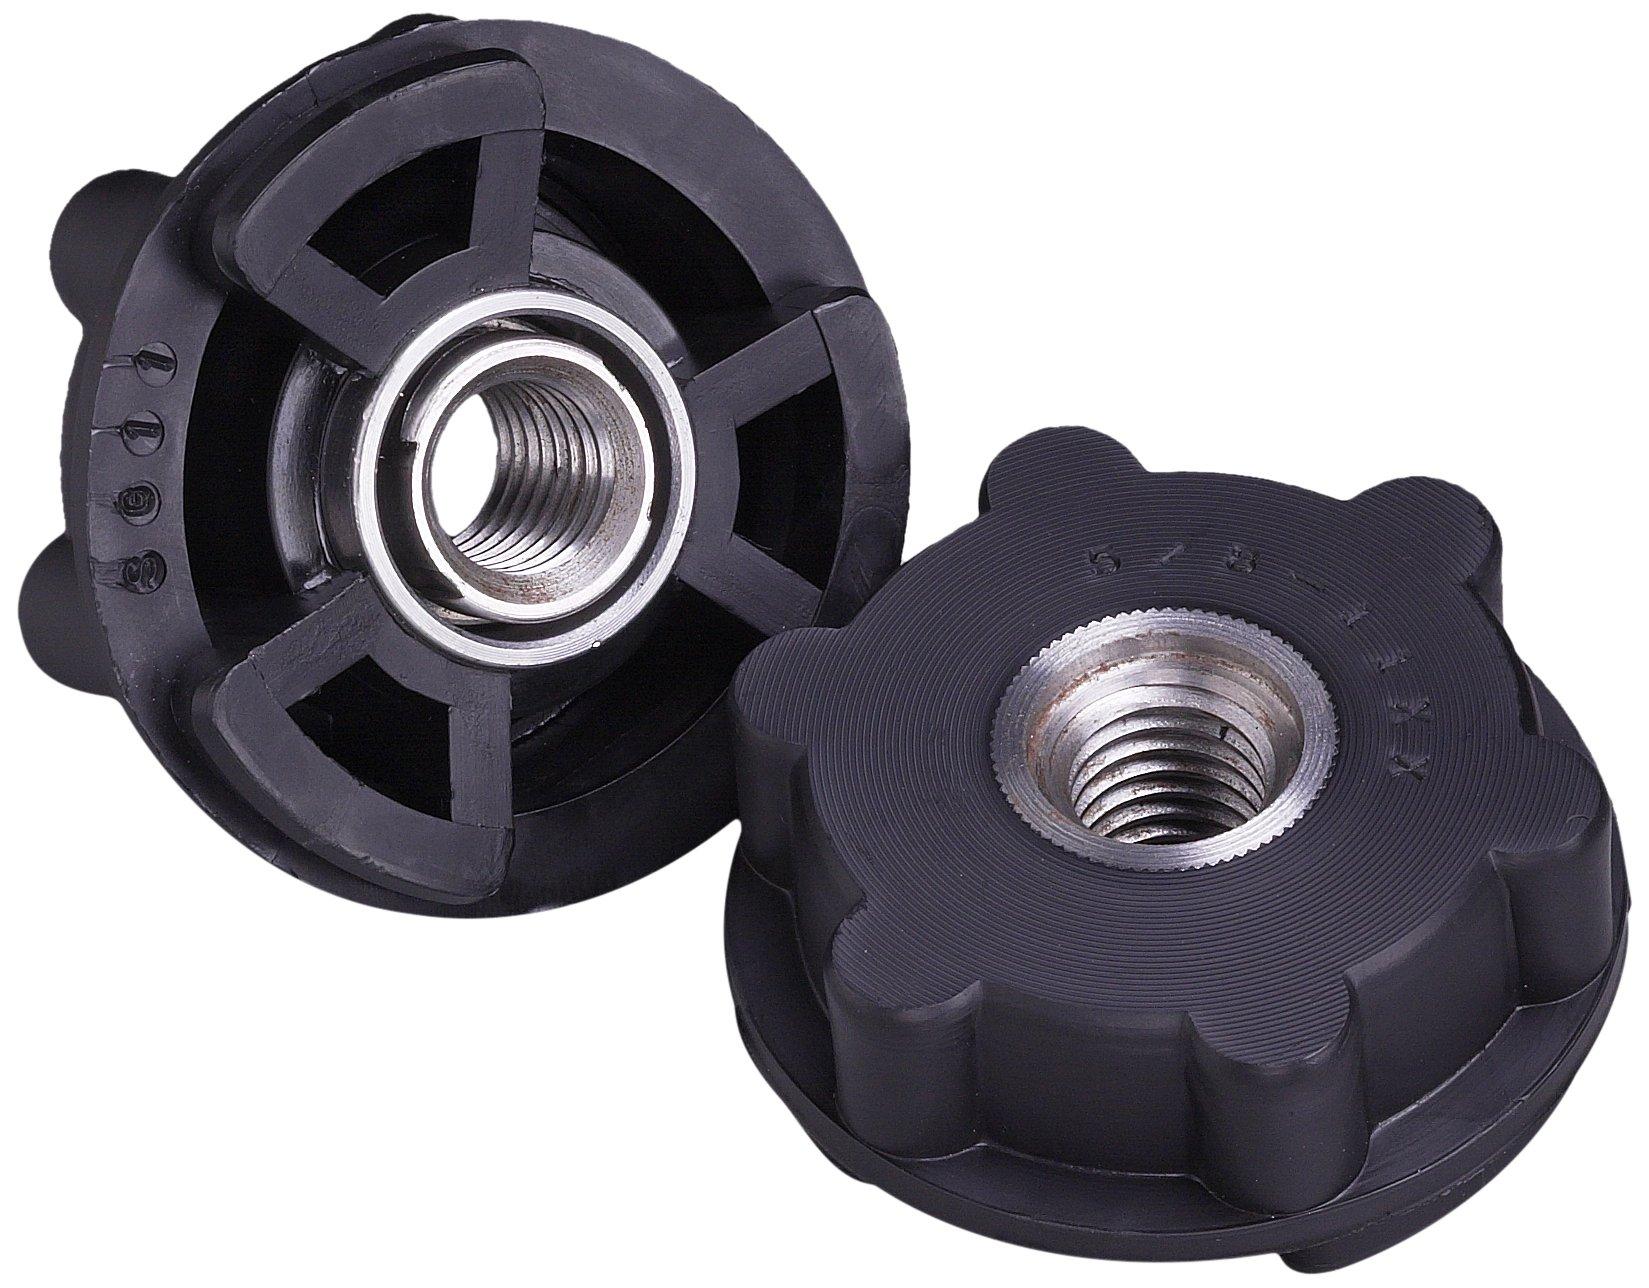 3M Disc Pad Hub 11824, GL Attachment, 2-1/2'' Diameter, 5/8''-11 Internal Thread, Black (Pack of 10)